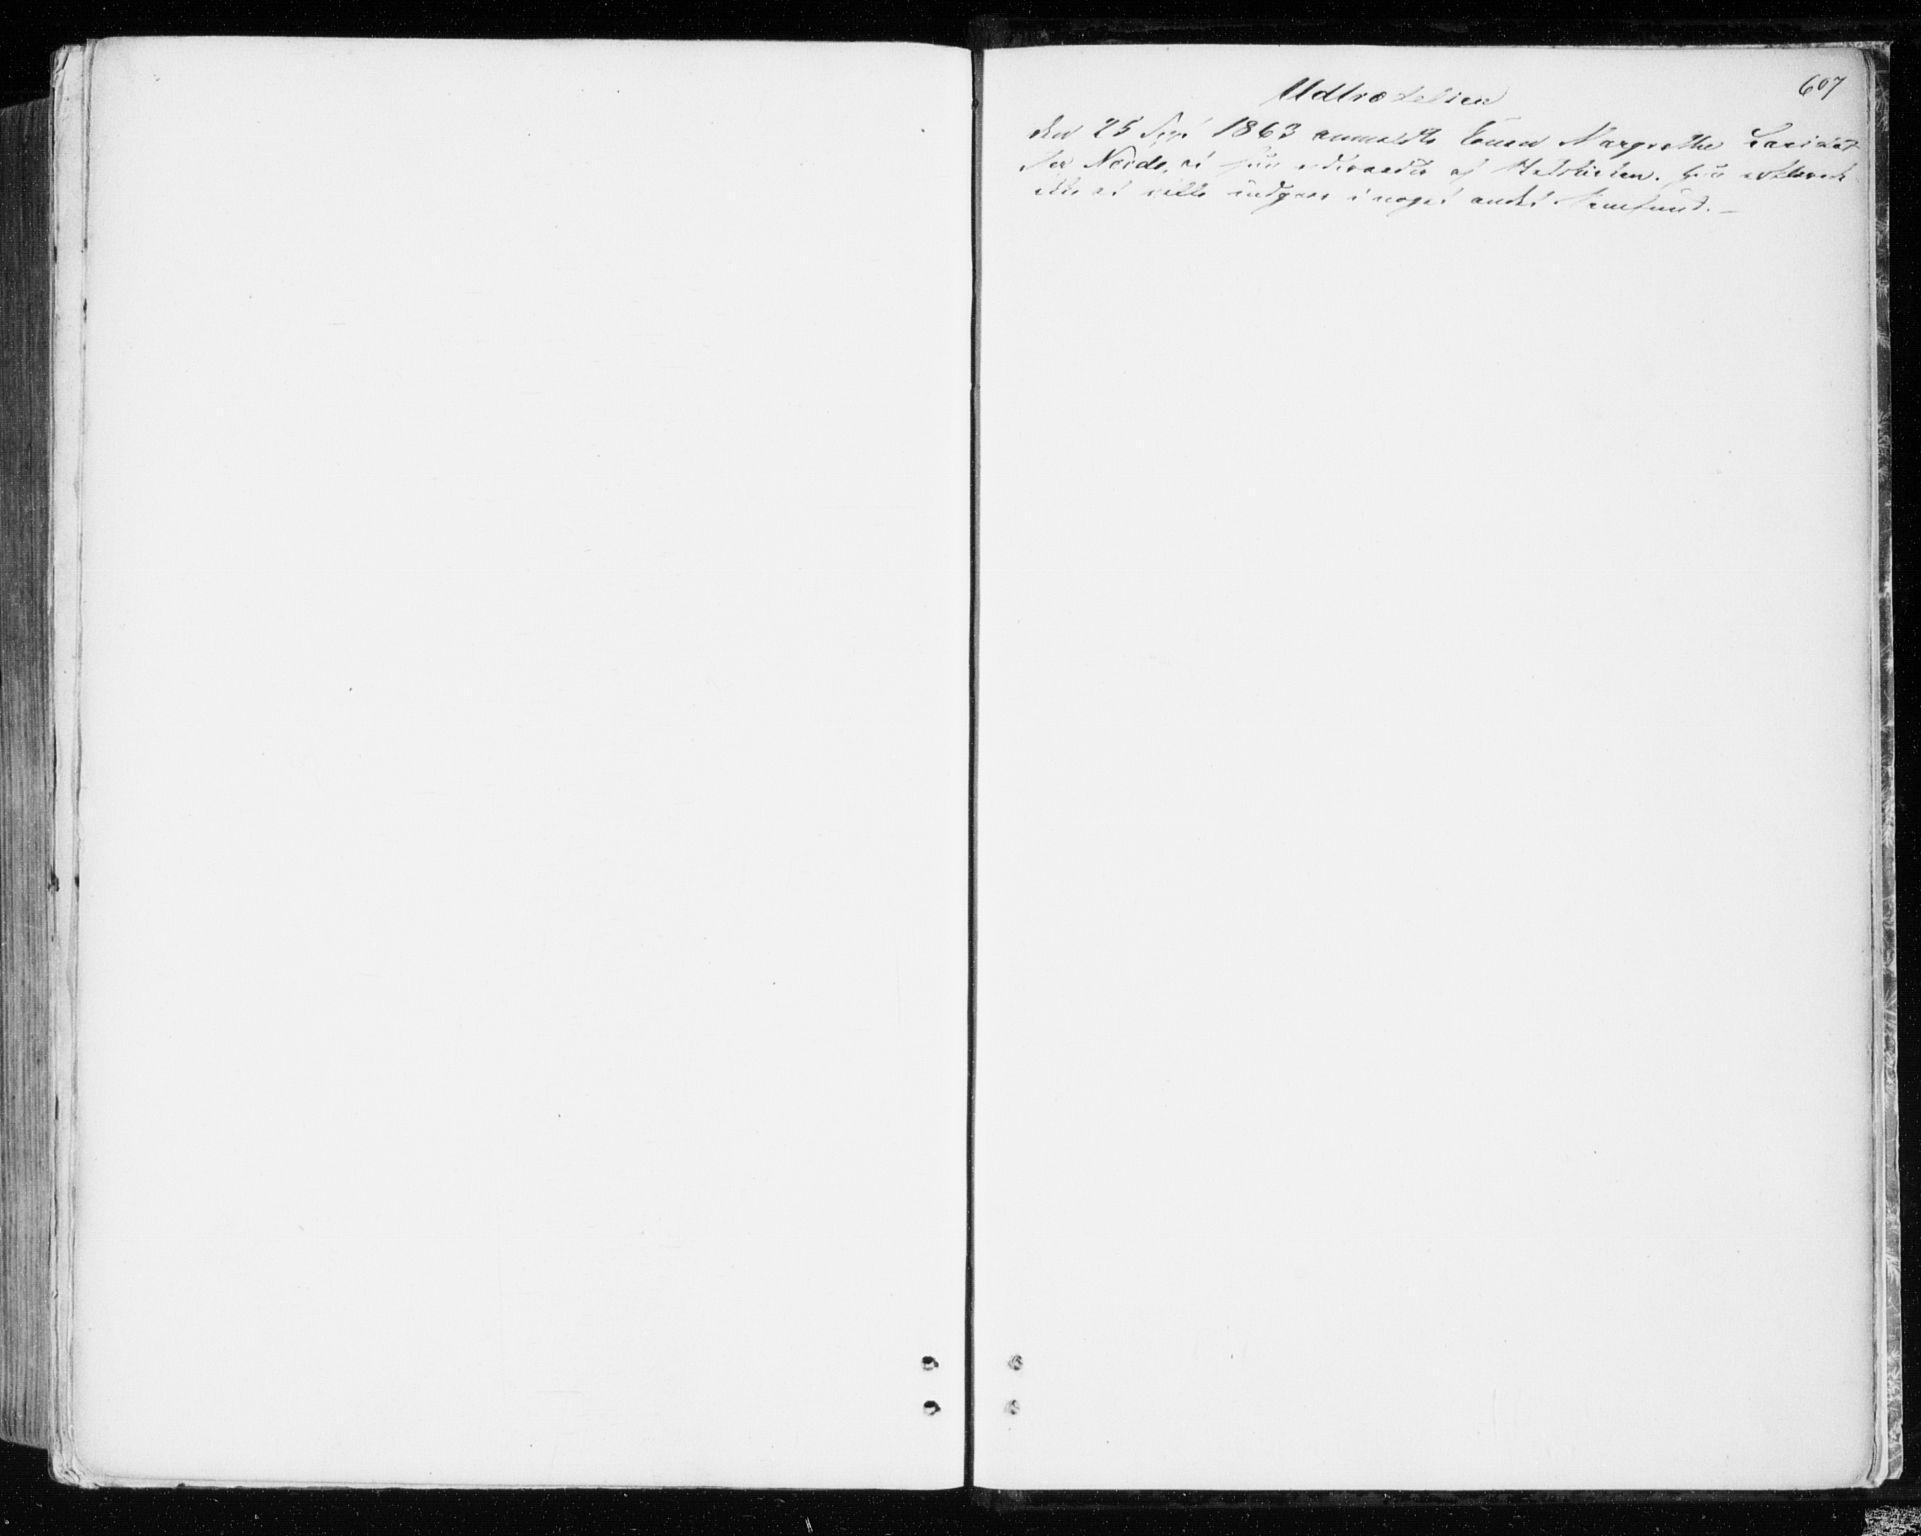 SAT, Ministerialprotokoller, klokkerbøker og fødselsregistre - Sør-Trøndelag, 606/L0292: Ministerialbok nr. 606A07, 1856-1865, s. 607